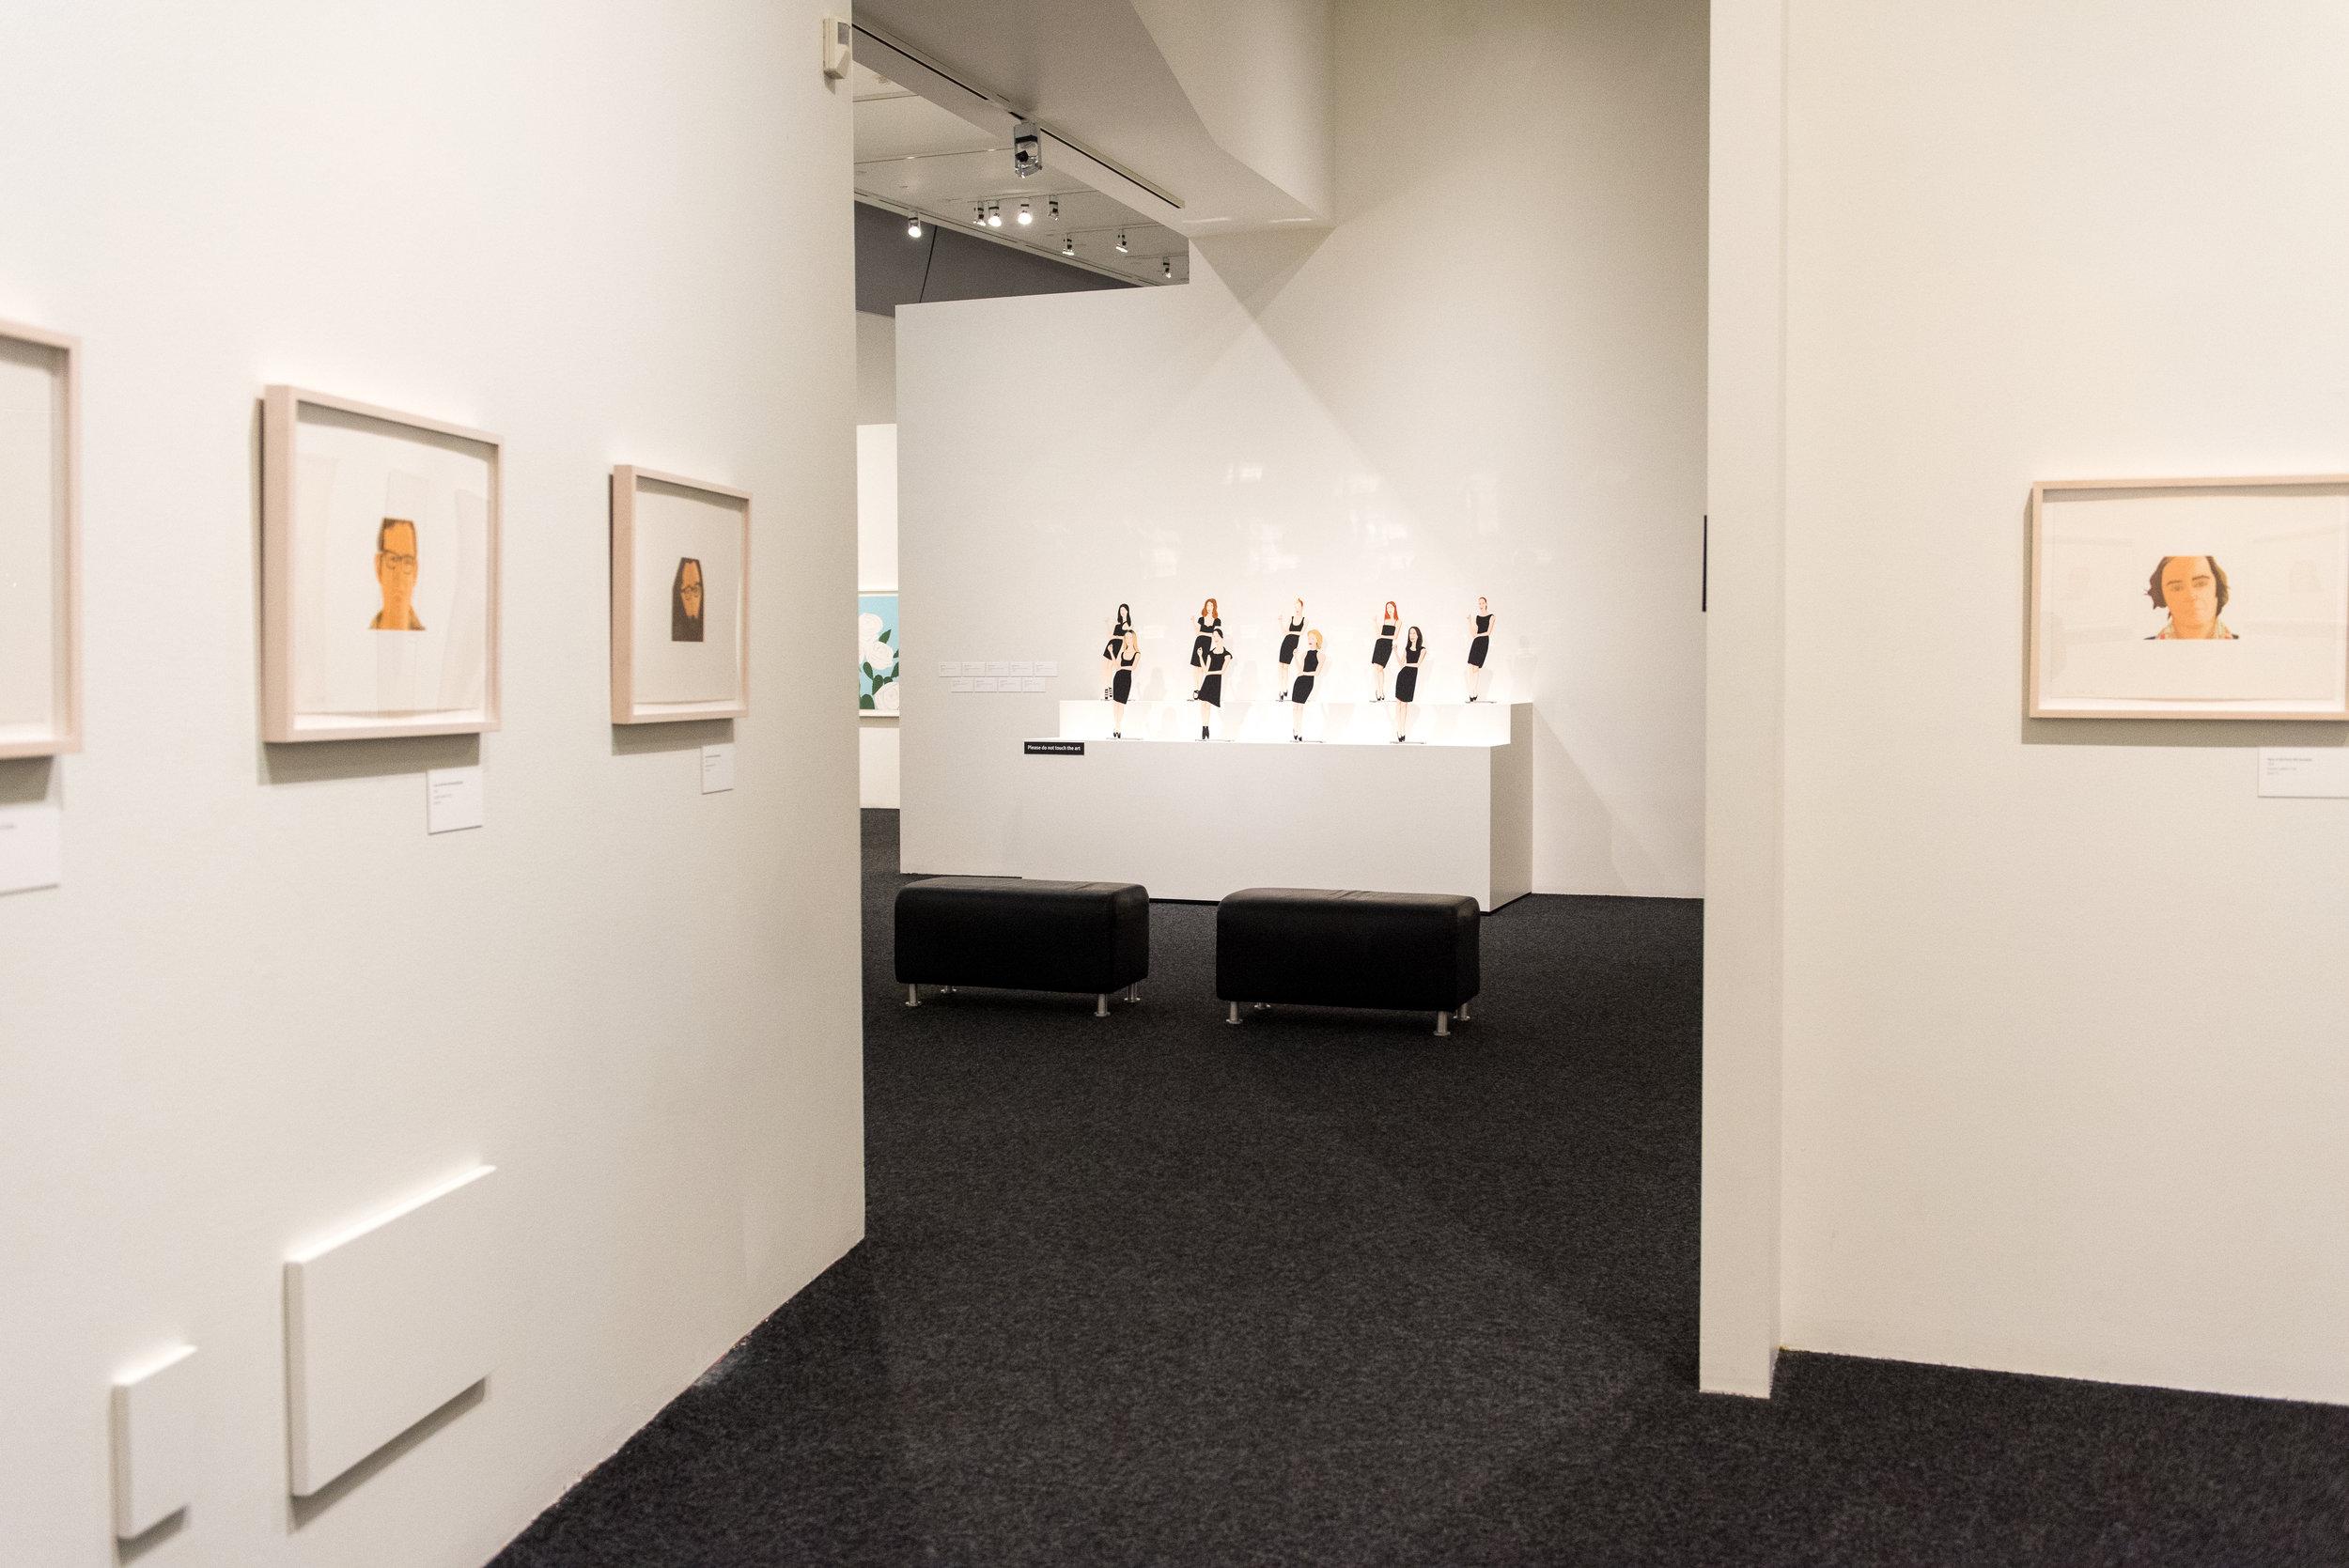 Alex-Katz-Bellevue-Installation-2018-8738.jpg